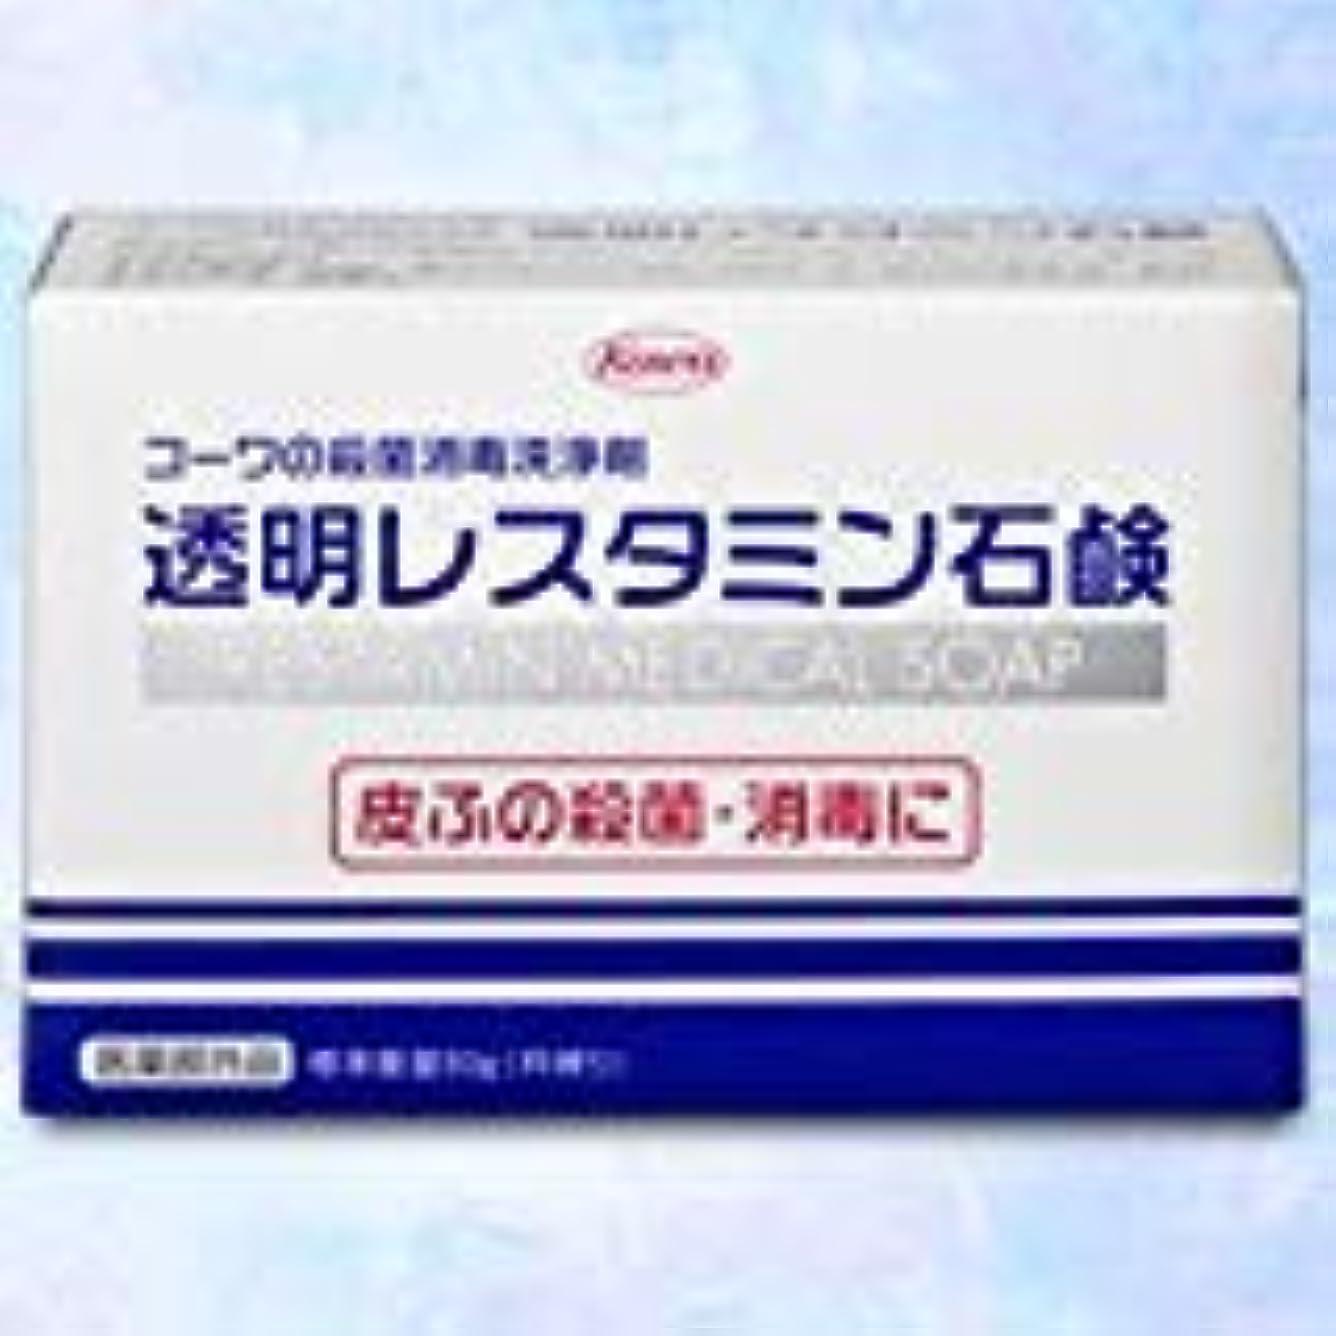 最小化する露出度の高いアッパー【興和】コーワの殺菌消毒洗浄剤「透明レスタミン石鹸」80g(医薬部外品) ×3個セット